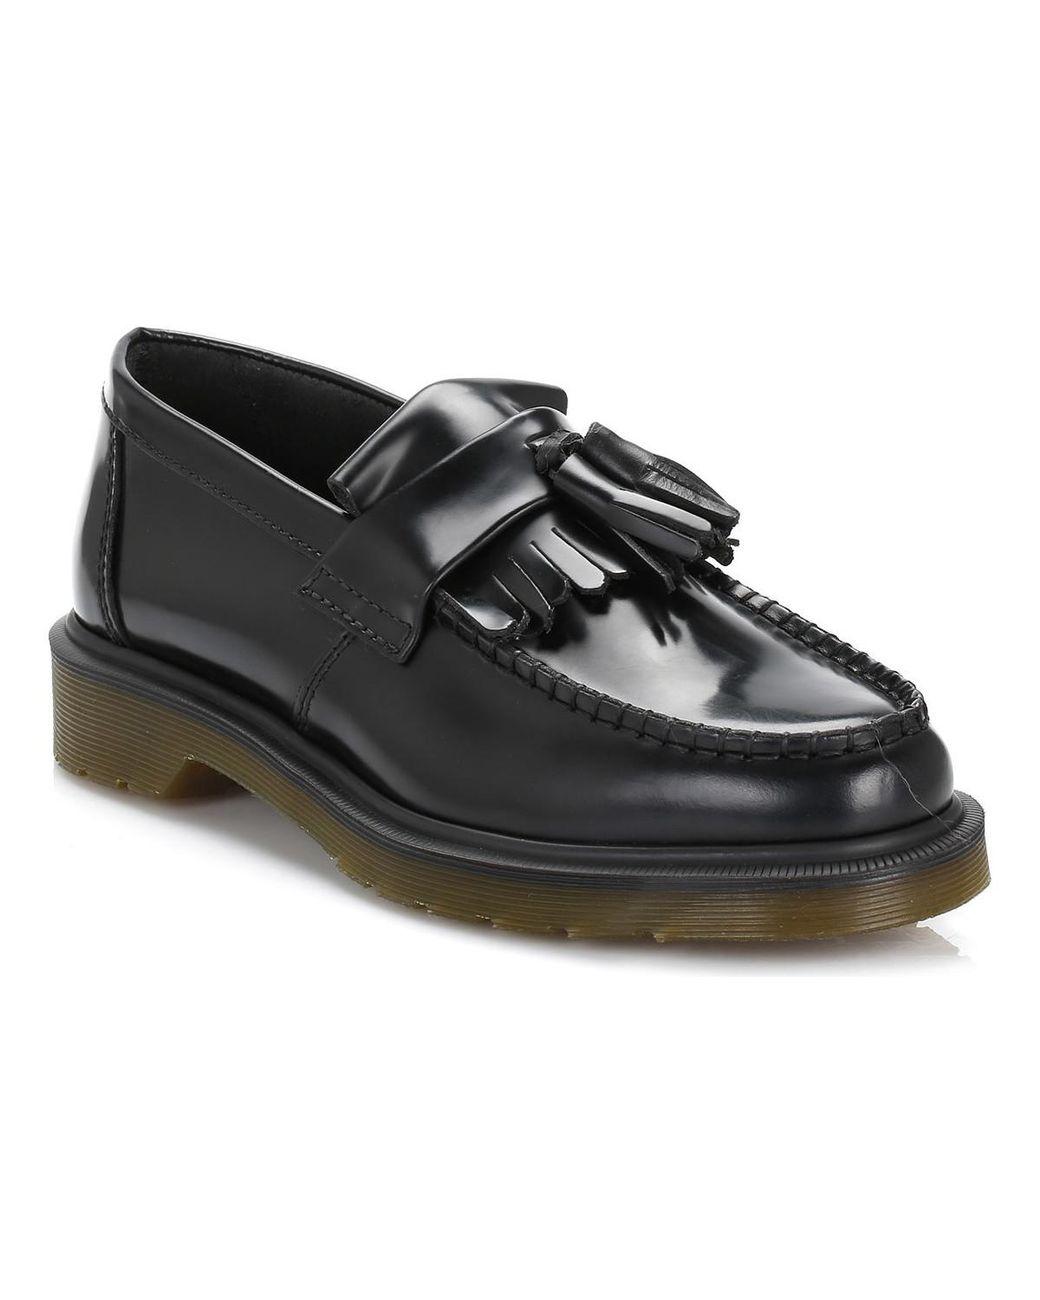 d1d96f816ef Dr. Martens Dr. Martens Adrian Black Leather Loafers in Black for ...